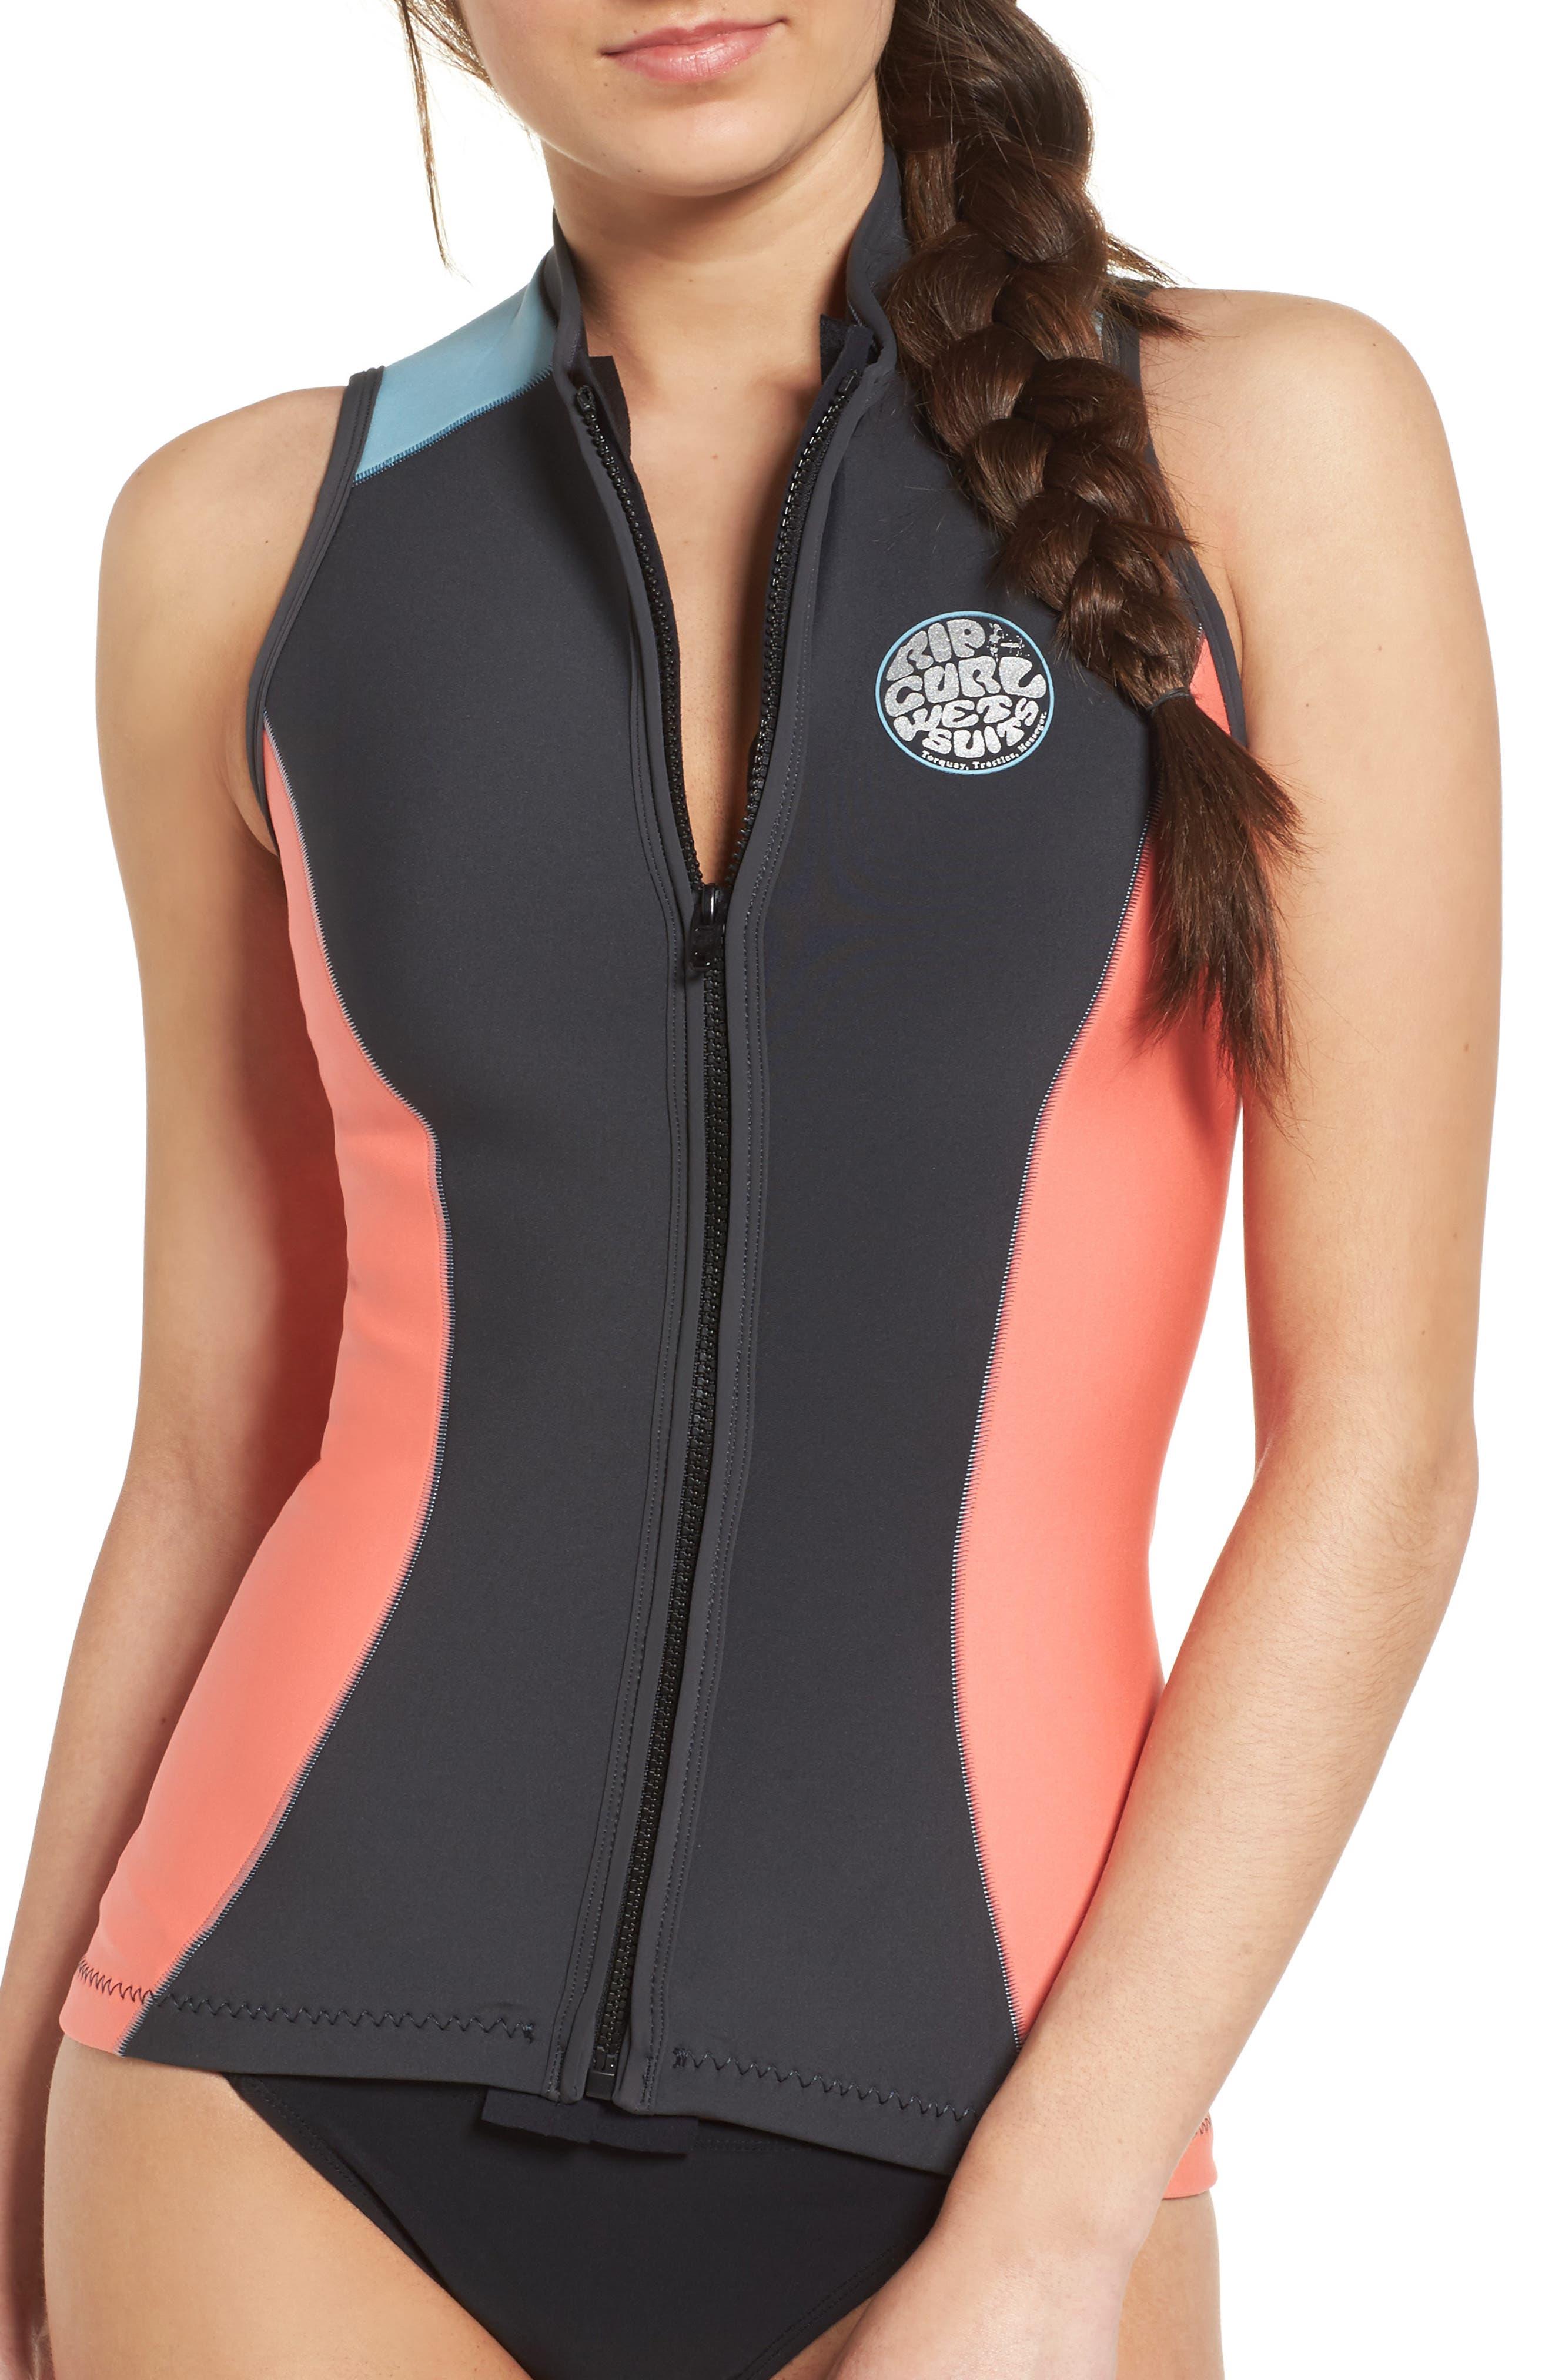 Main Image - Rip Curl G-Bomb Wetsuit Vest